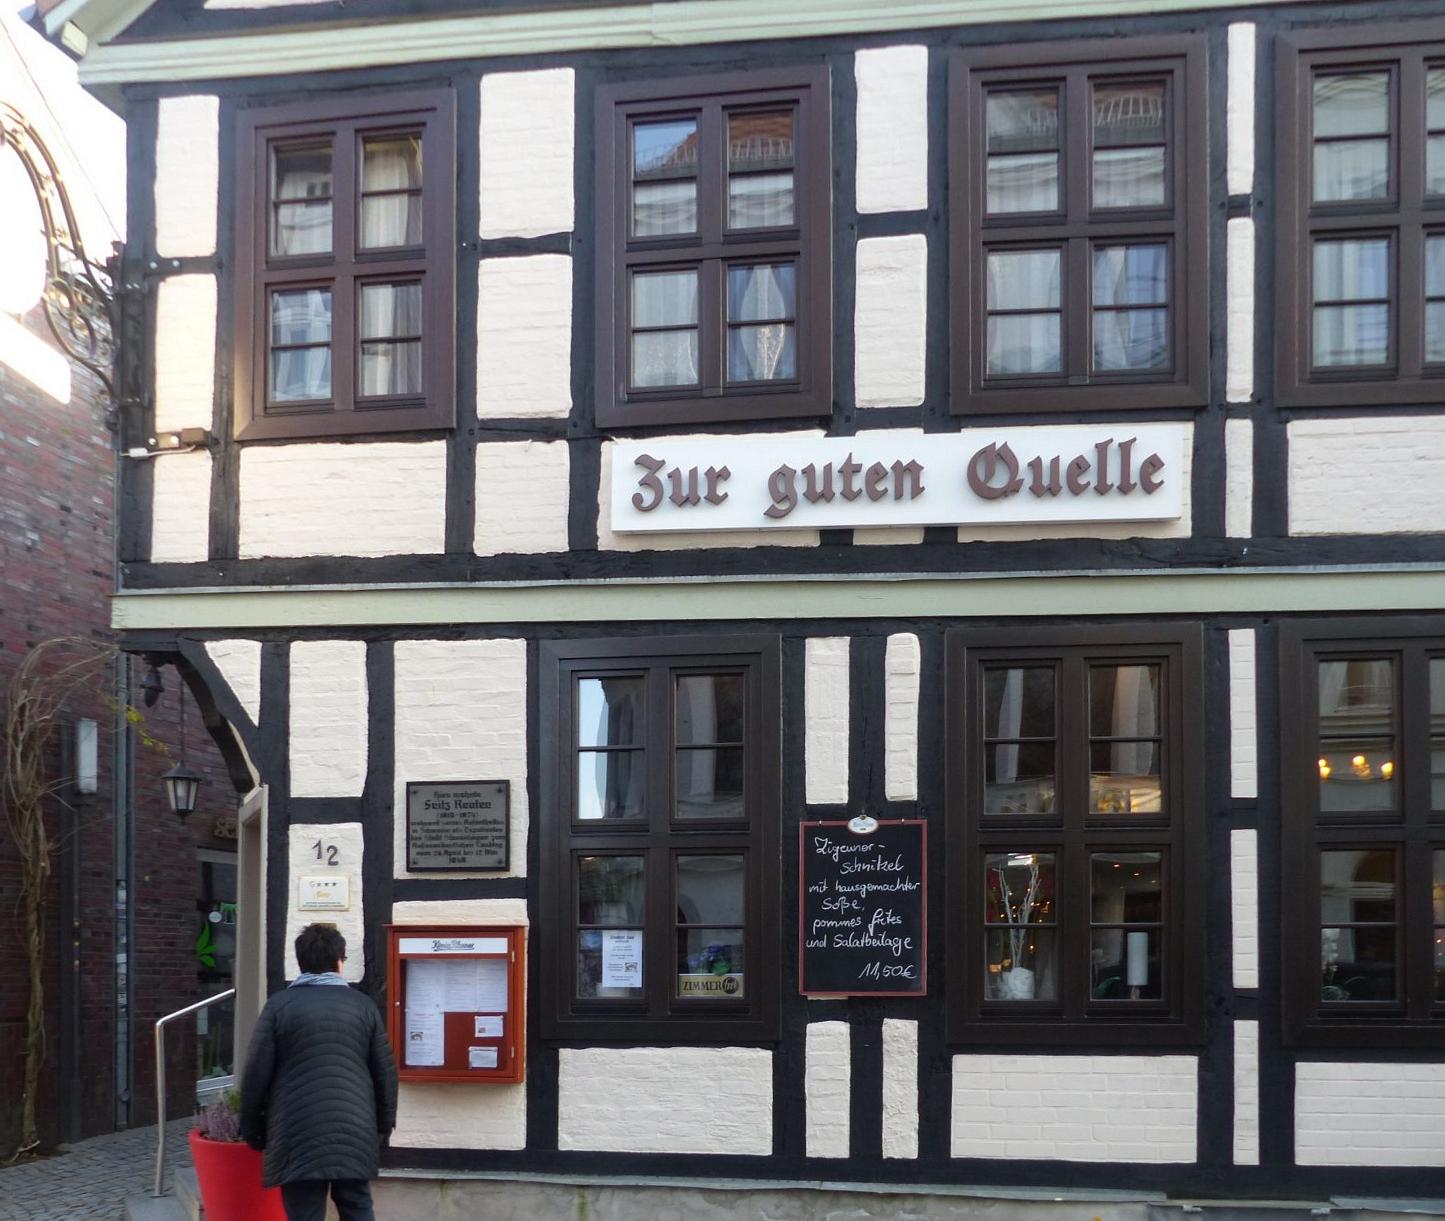 """Bekannt für gute Küche: """"Gute Quelle"""", einstiges Wohnhaus Fritz Reuters Foto: Weirauch"""